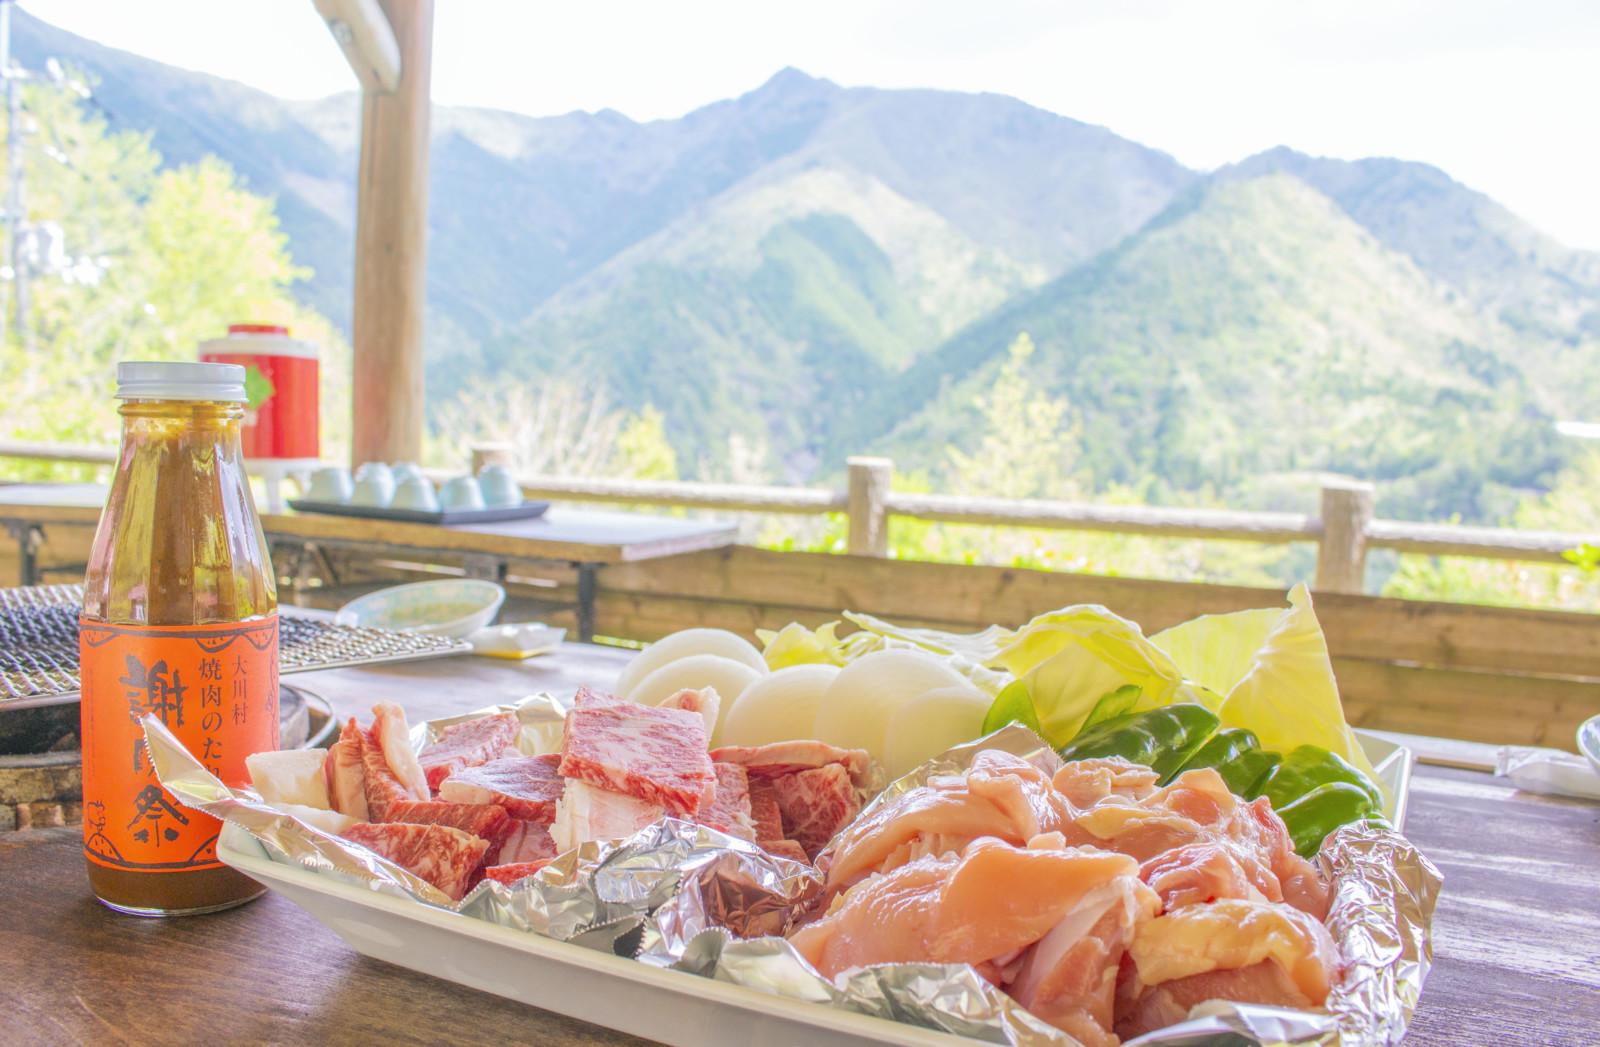 雄大な景色と美味しいお肉でBBQ!